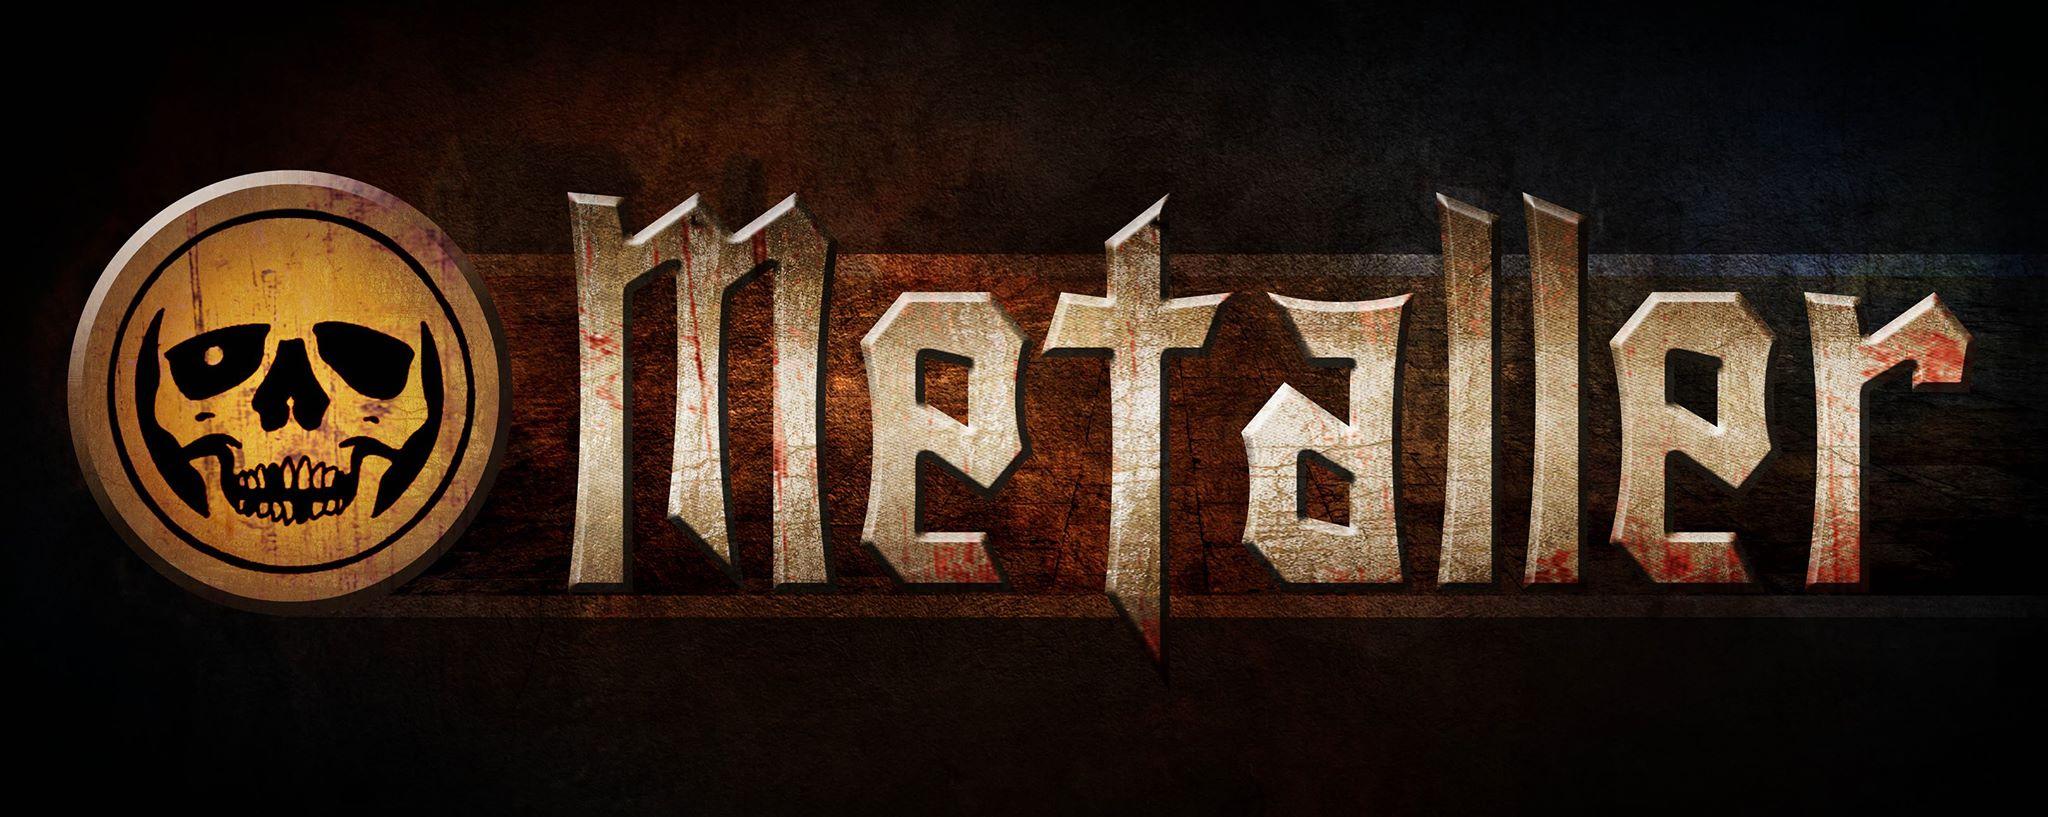 Metaller.de, denn guter Geschmack verbindet